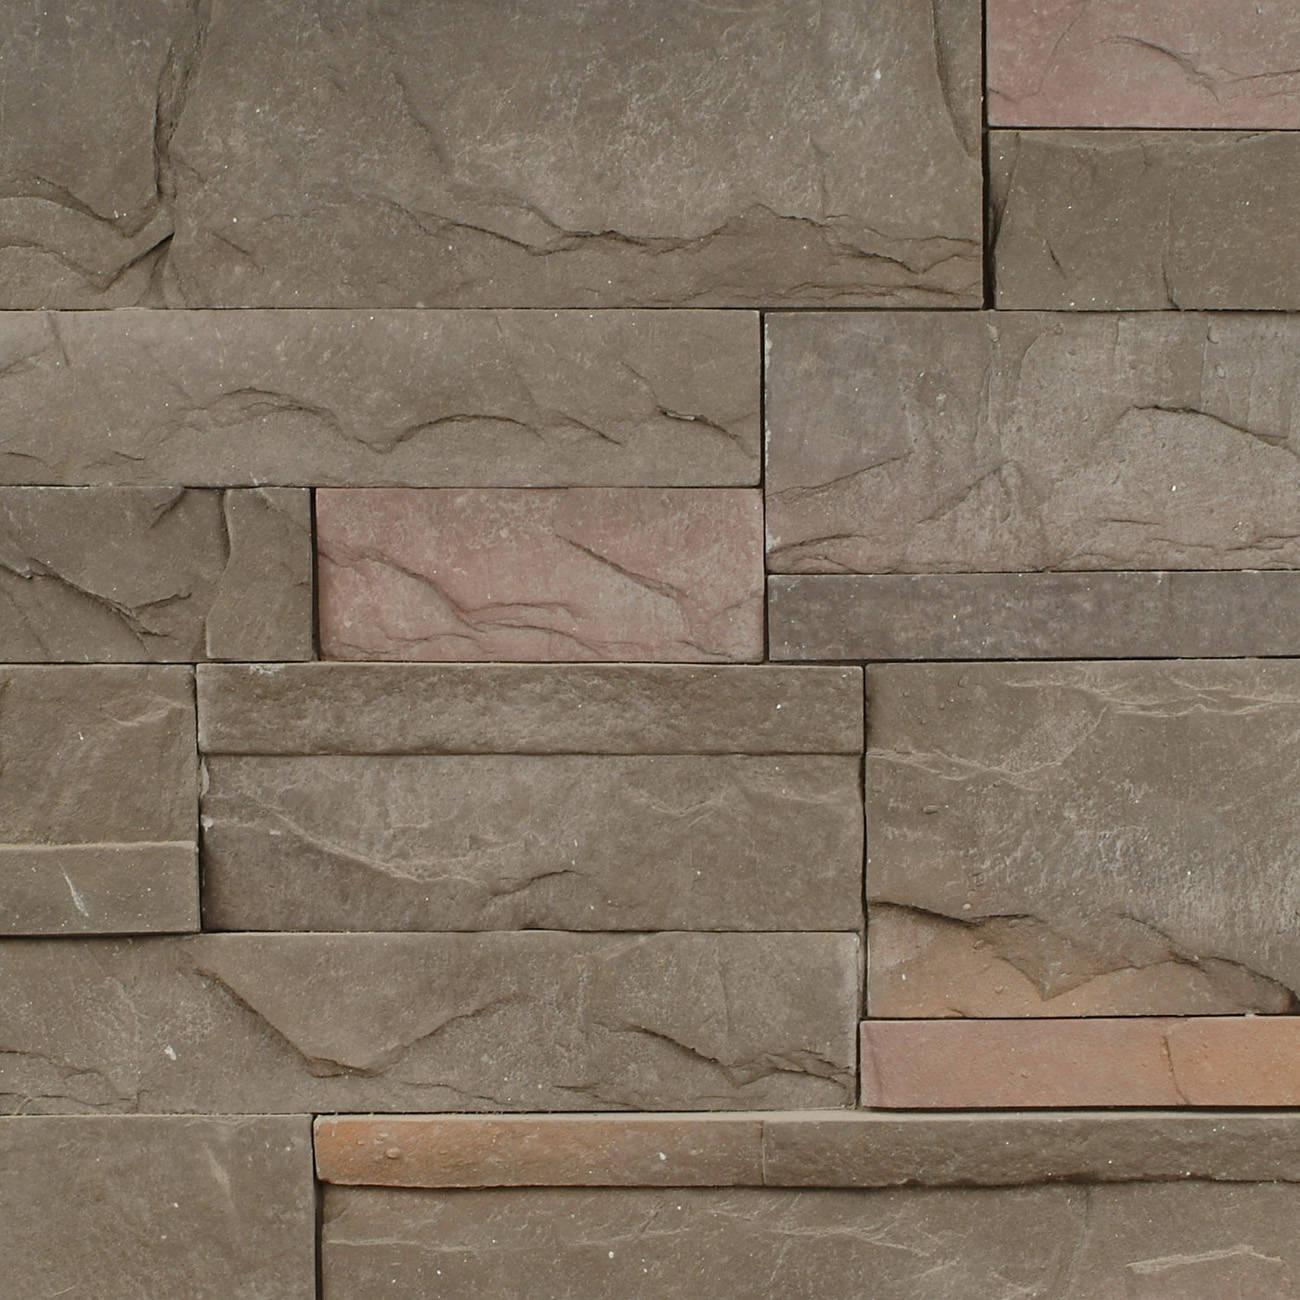 裂缝感石头材质手绘贴图